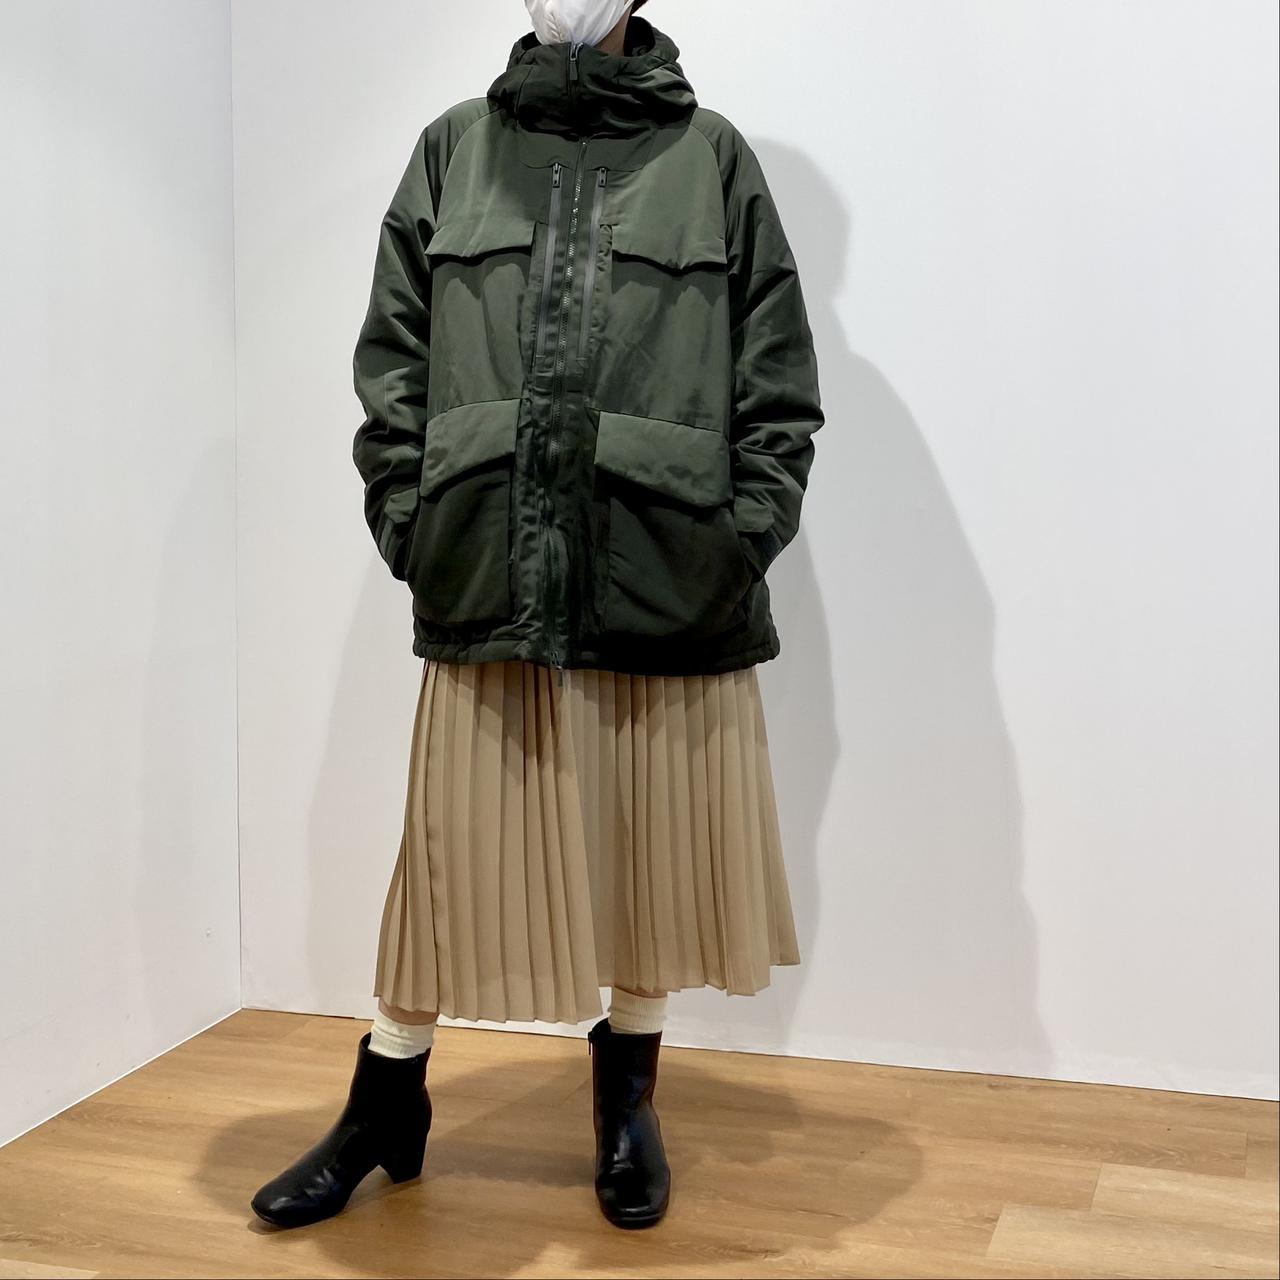 画像1: ハイブリッドダウンオーバーサイズパーカ¥12,900/ユニクロ(ユニクロ アンド ホワイトマウンテニアリング) 出典:fashion trend news